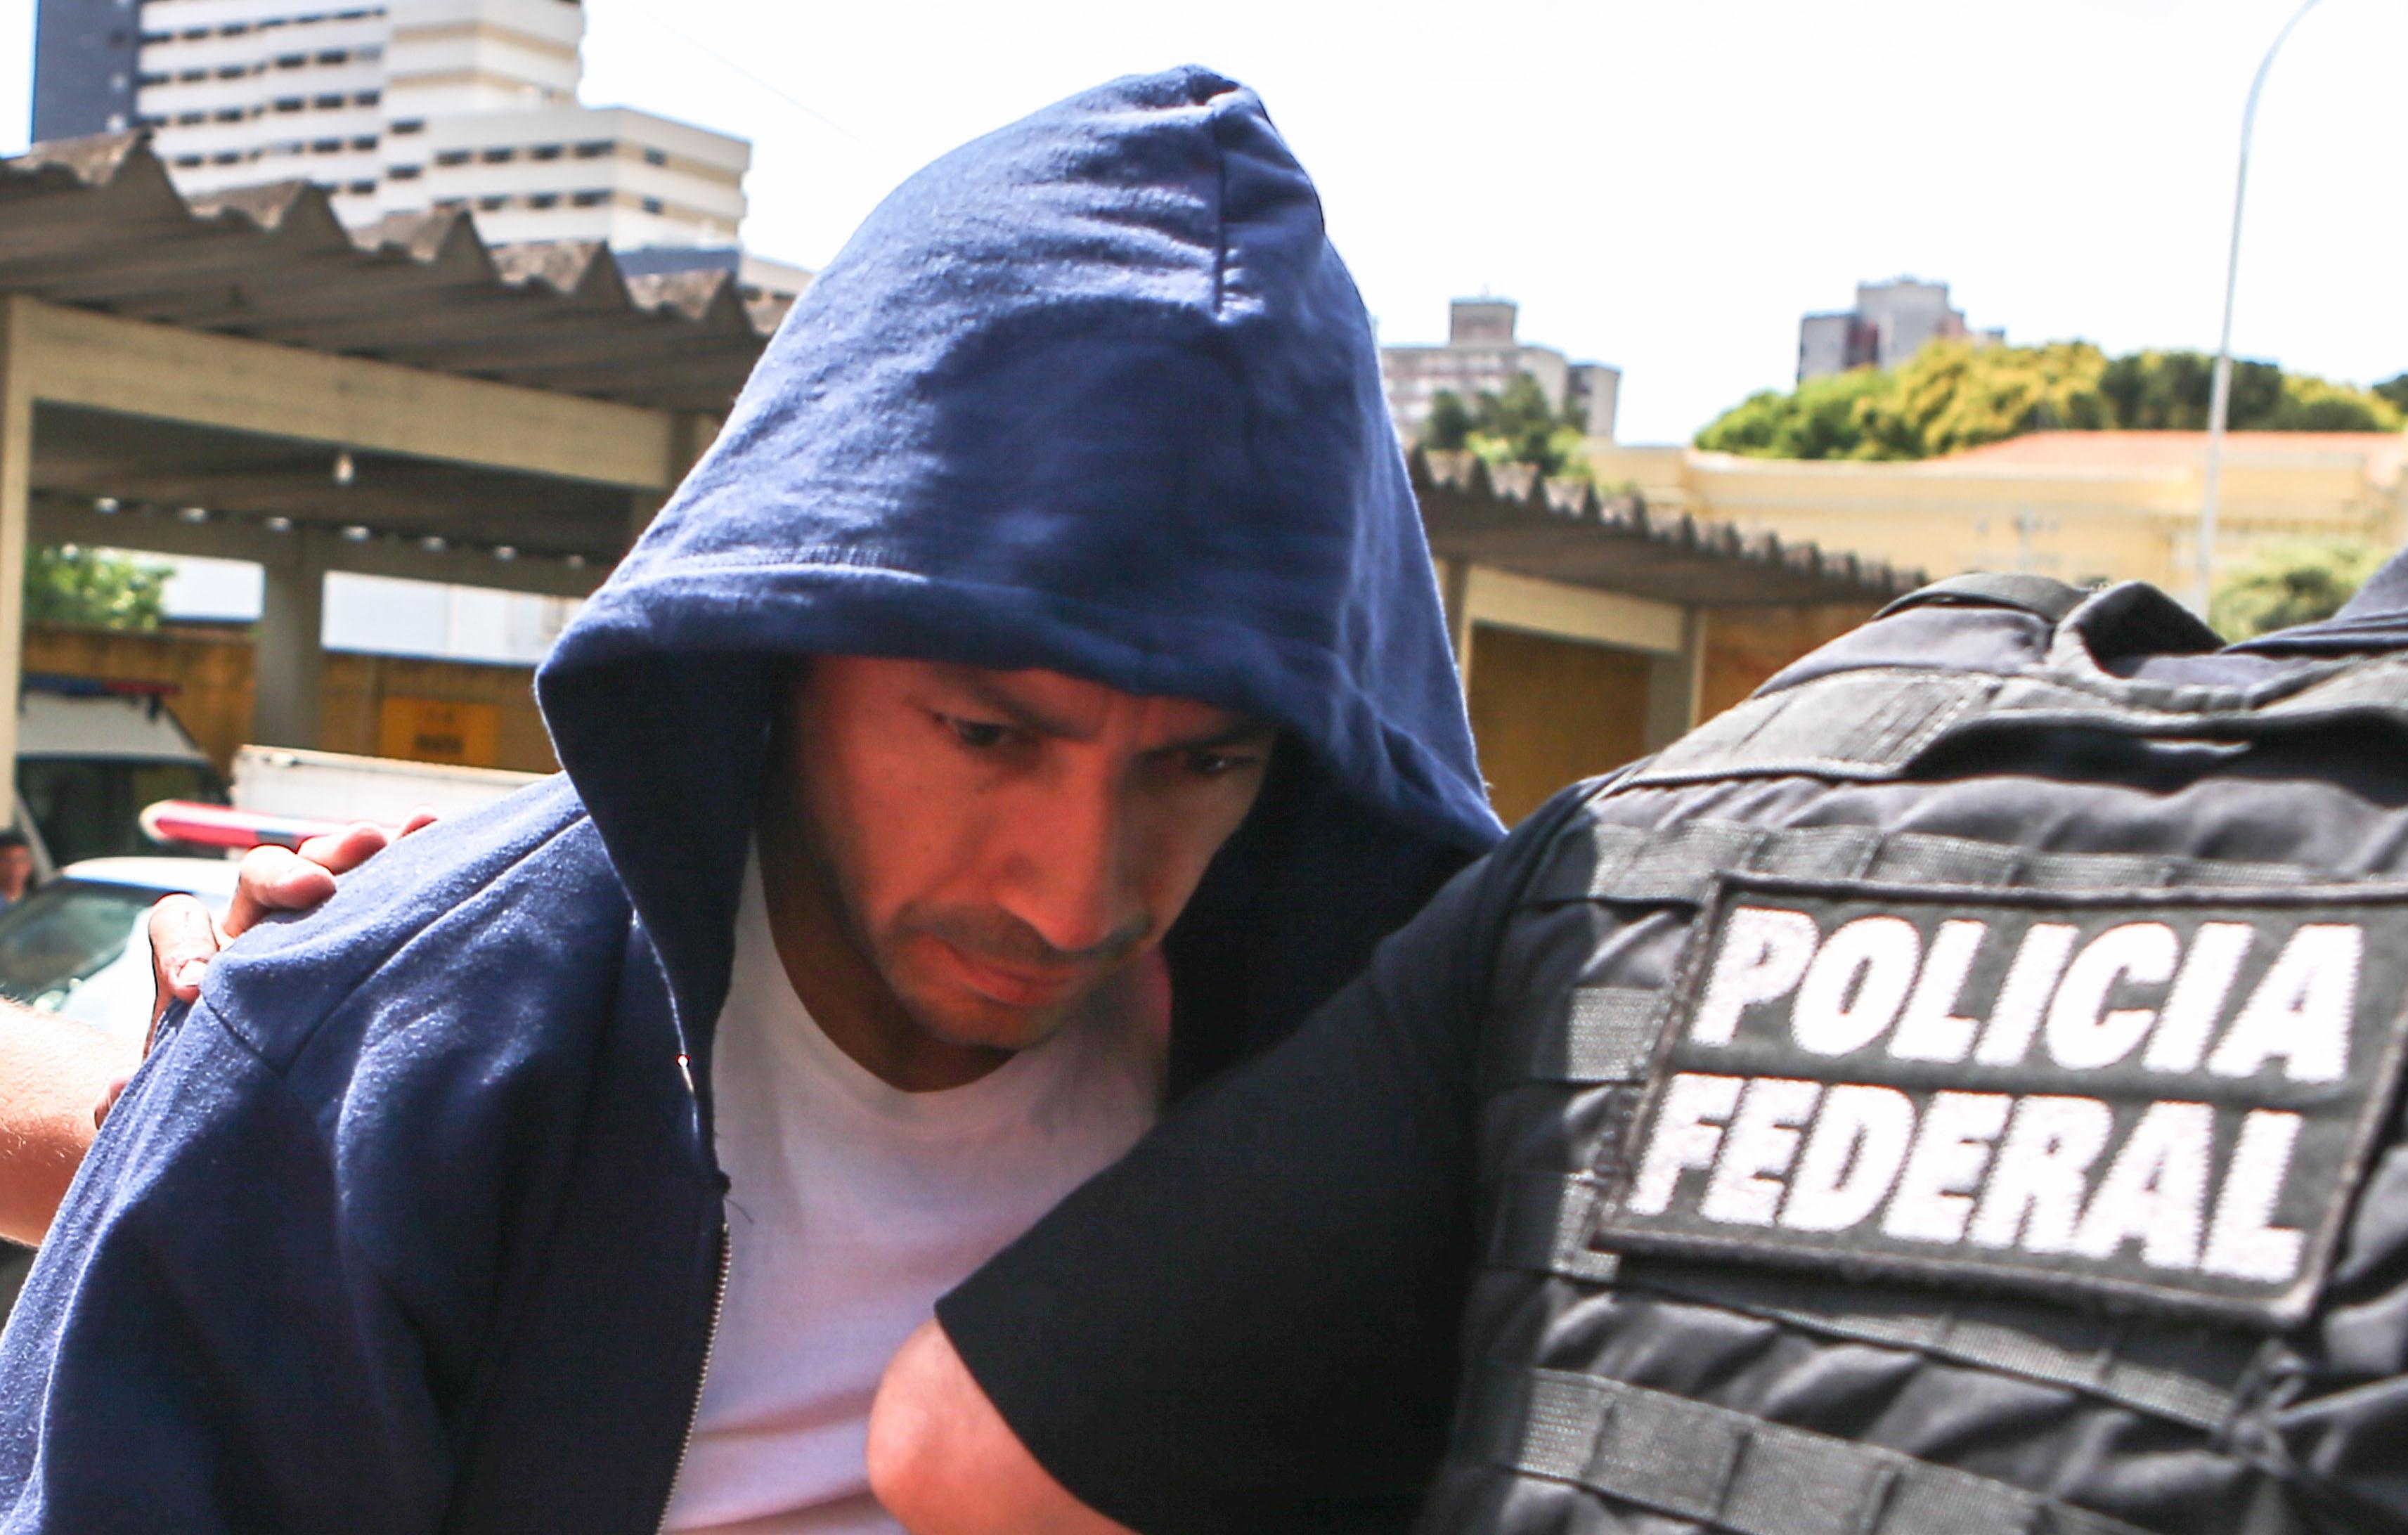 Lobista Fernando Baiano, apontado como operador do PMDB, será ouvido pelo Conselho de Ética